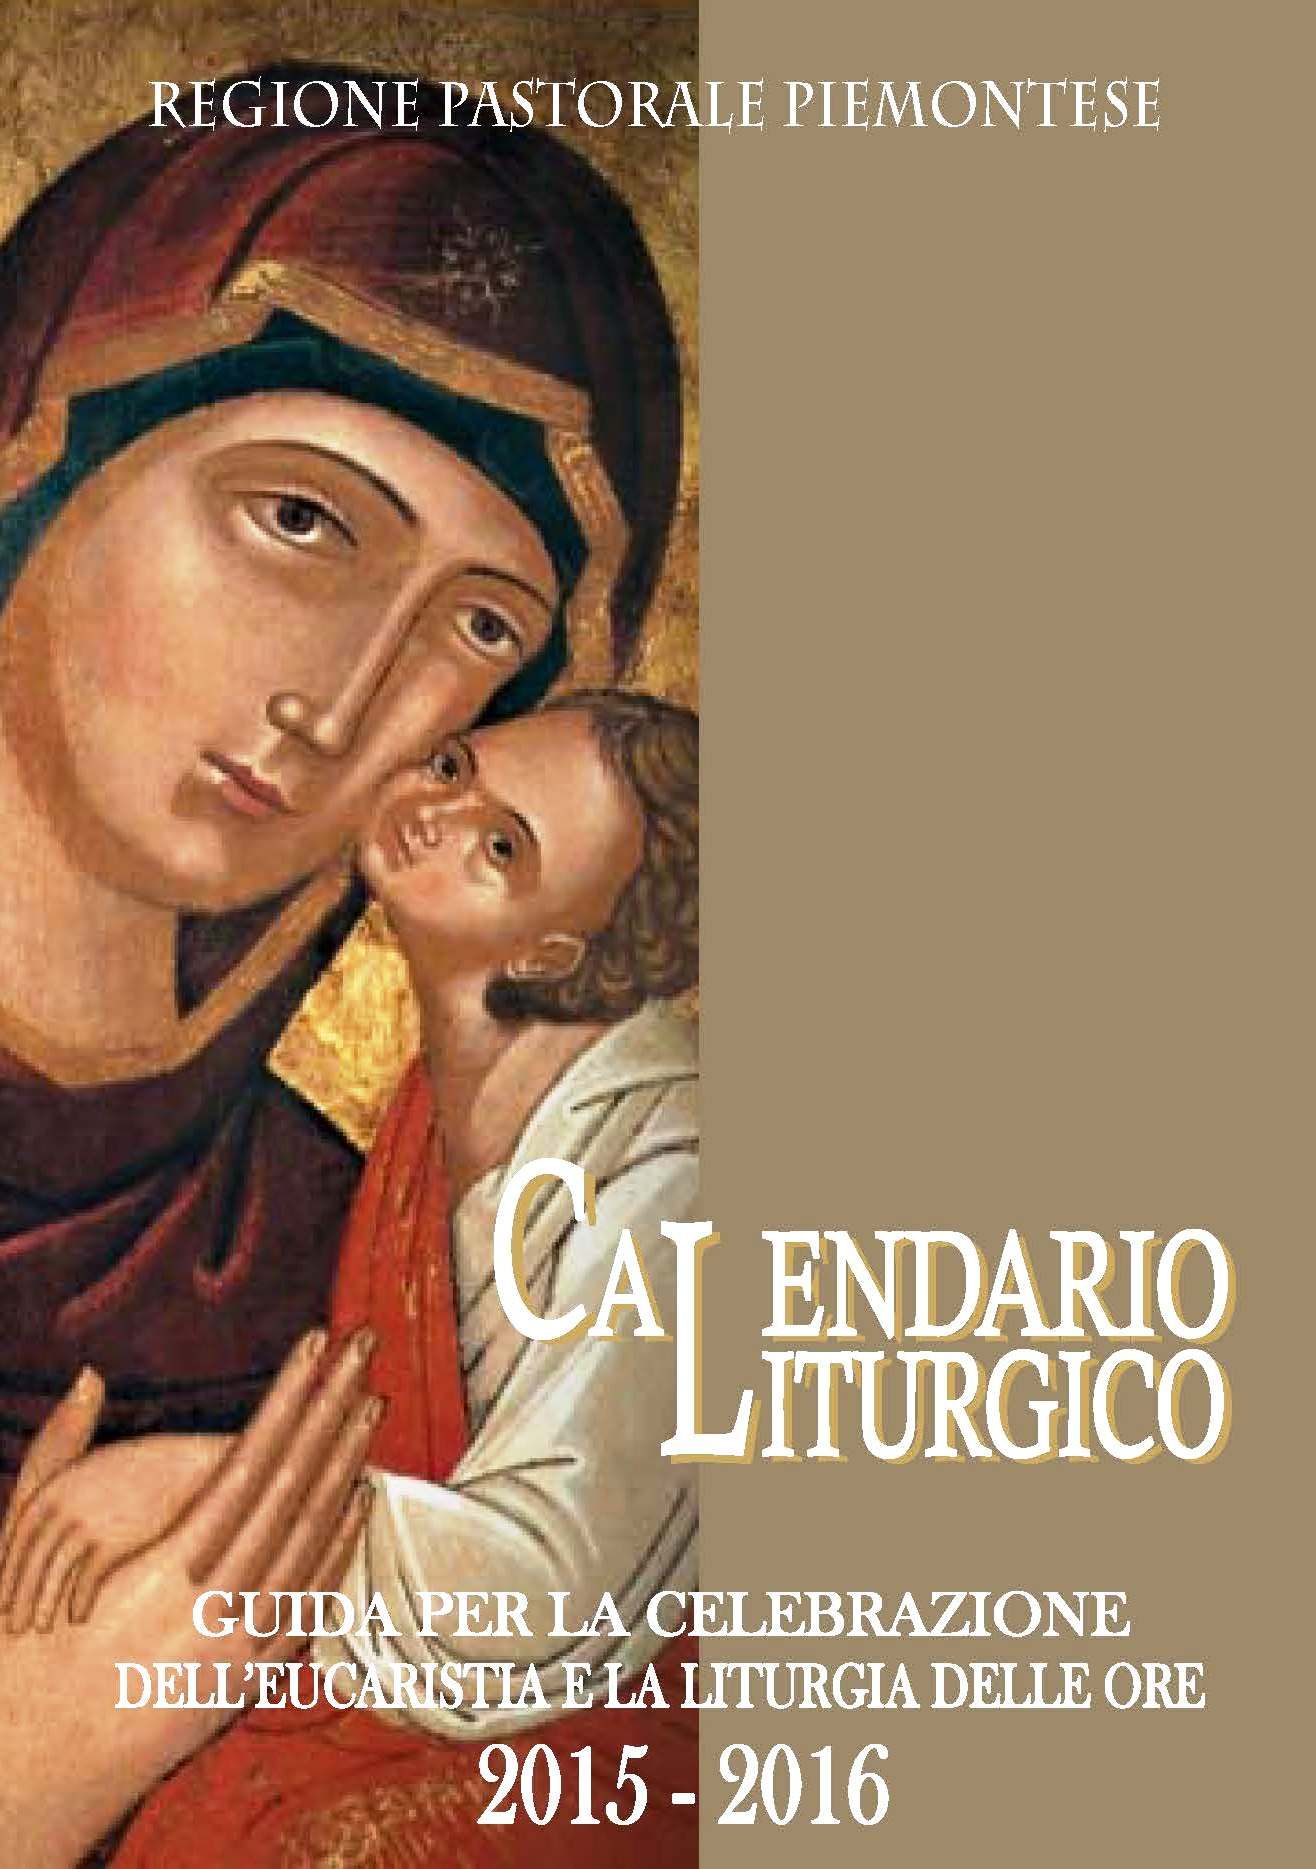 Calendario liturgico regione pastorale Piemontese